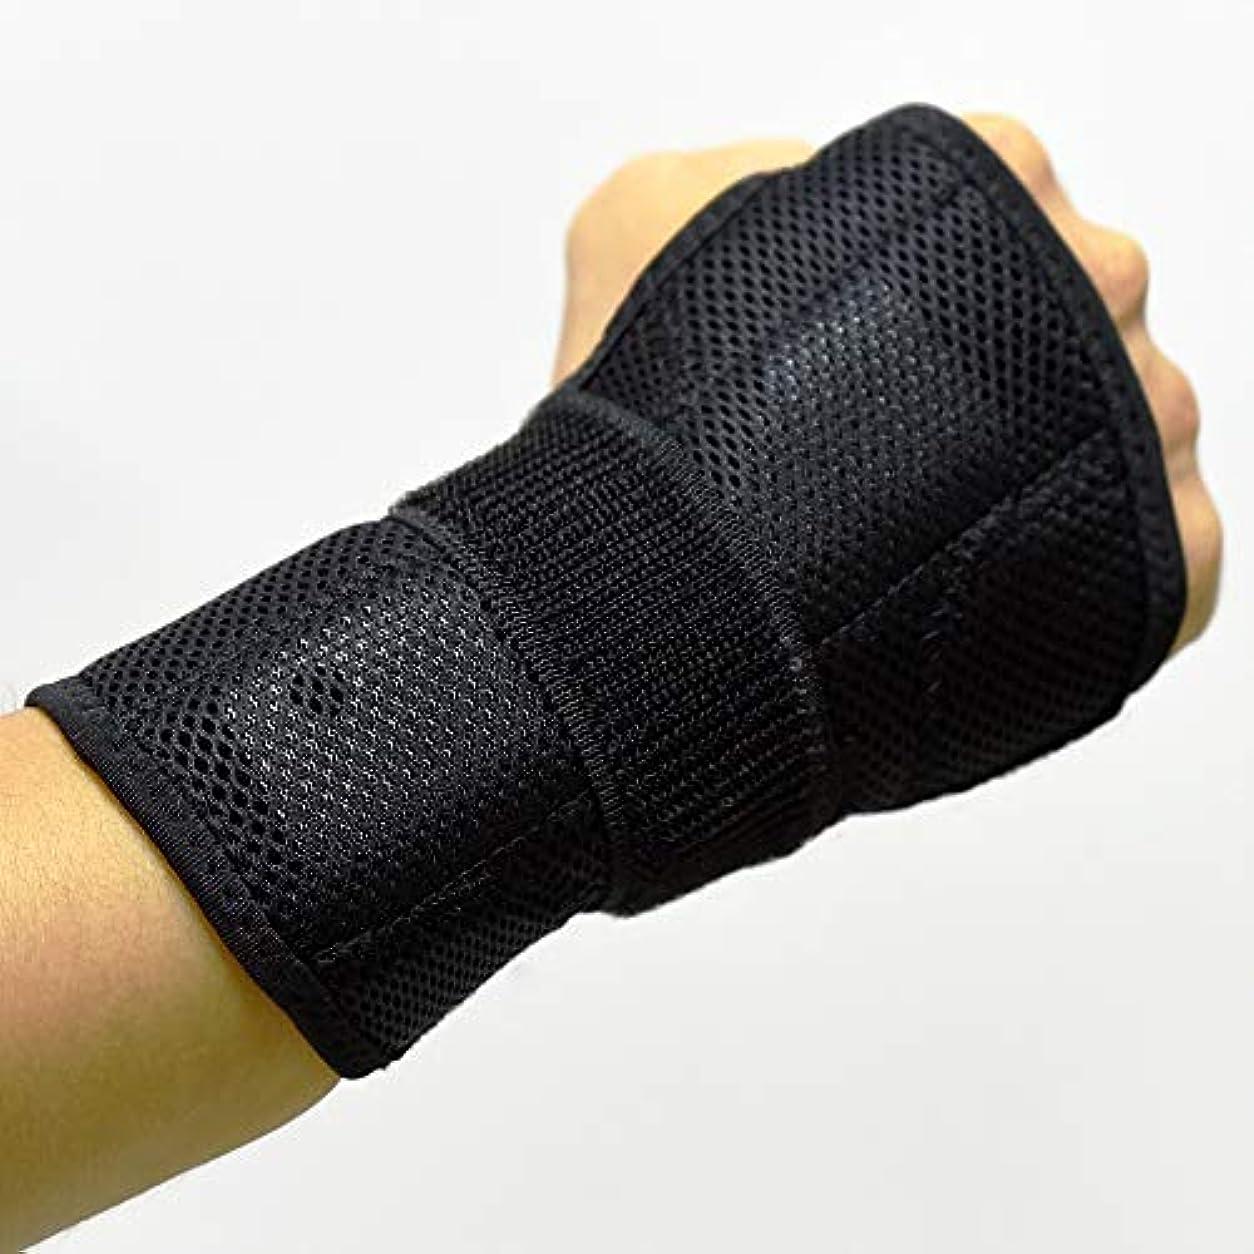 再現するアスペクトクマノミ手首サポートスプリントブレース、調節可能な 手首ブレーススプリントは、怪我、スポーツ、ジム、繰り返しの緊張などに対応します デザイン,Lefthand